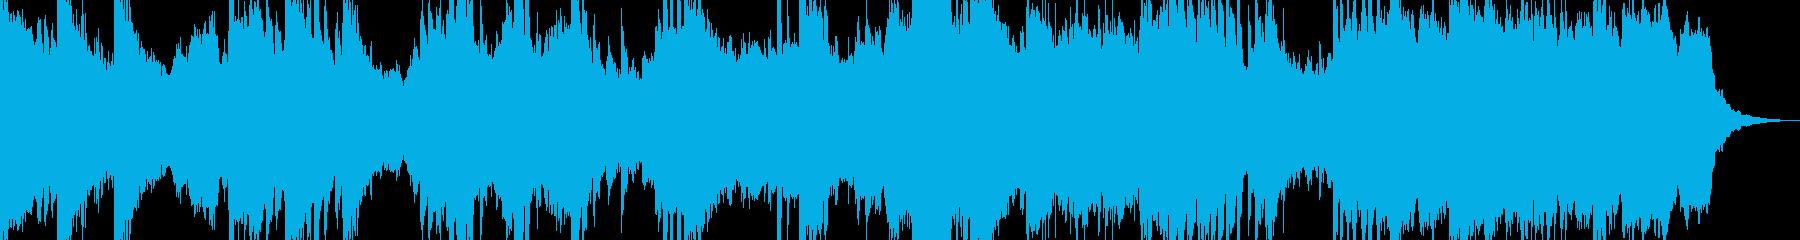 コマーシャル等の短い感動的な音楽の再生済みの波形